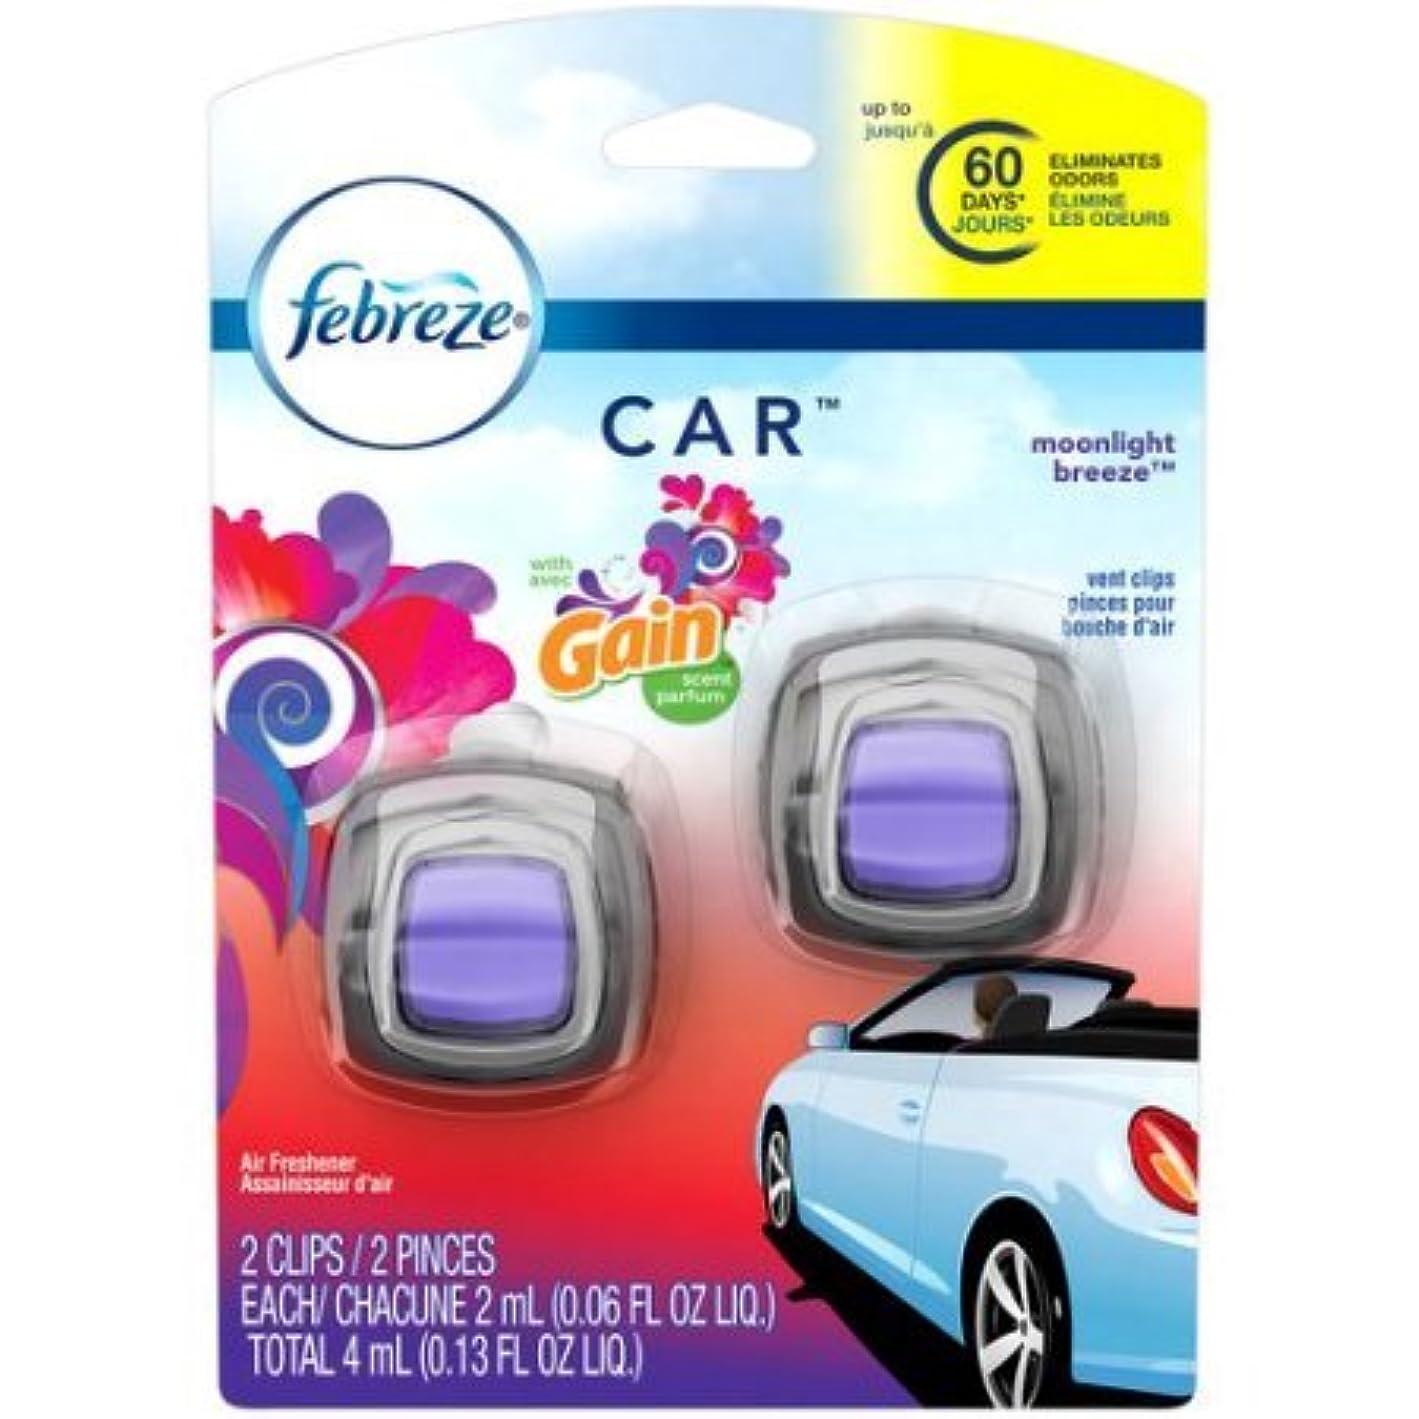 出口ホーム後方に【Febreze/ファブリーズ】 車用芳香剤 (イージークリップ) 2個入り ゲイン ムーンライトブリーズ Car Vent Clips Gain Moonlight Breeze Air Freshener, 0.06 oz, 2 count [並行輸入品]